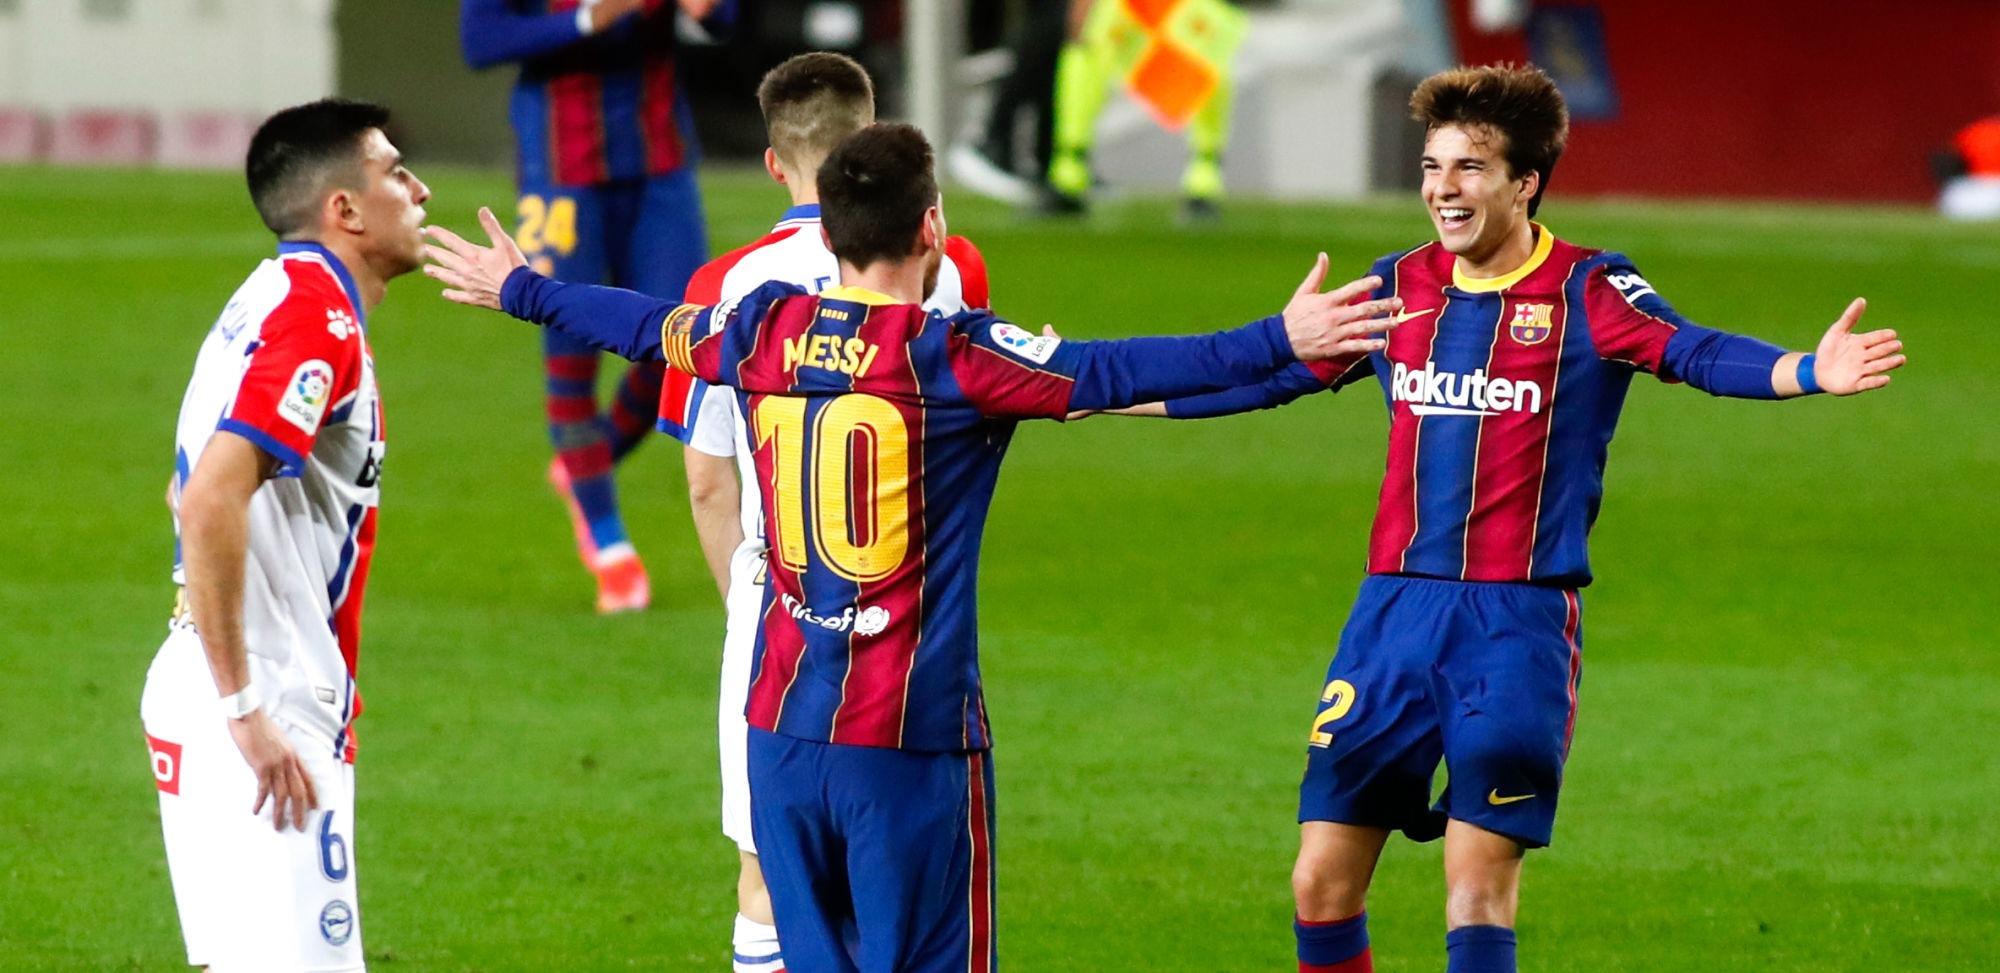 Barcelone/PSG - Riqui Puig a «hâte d'y être»